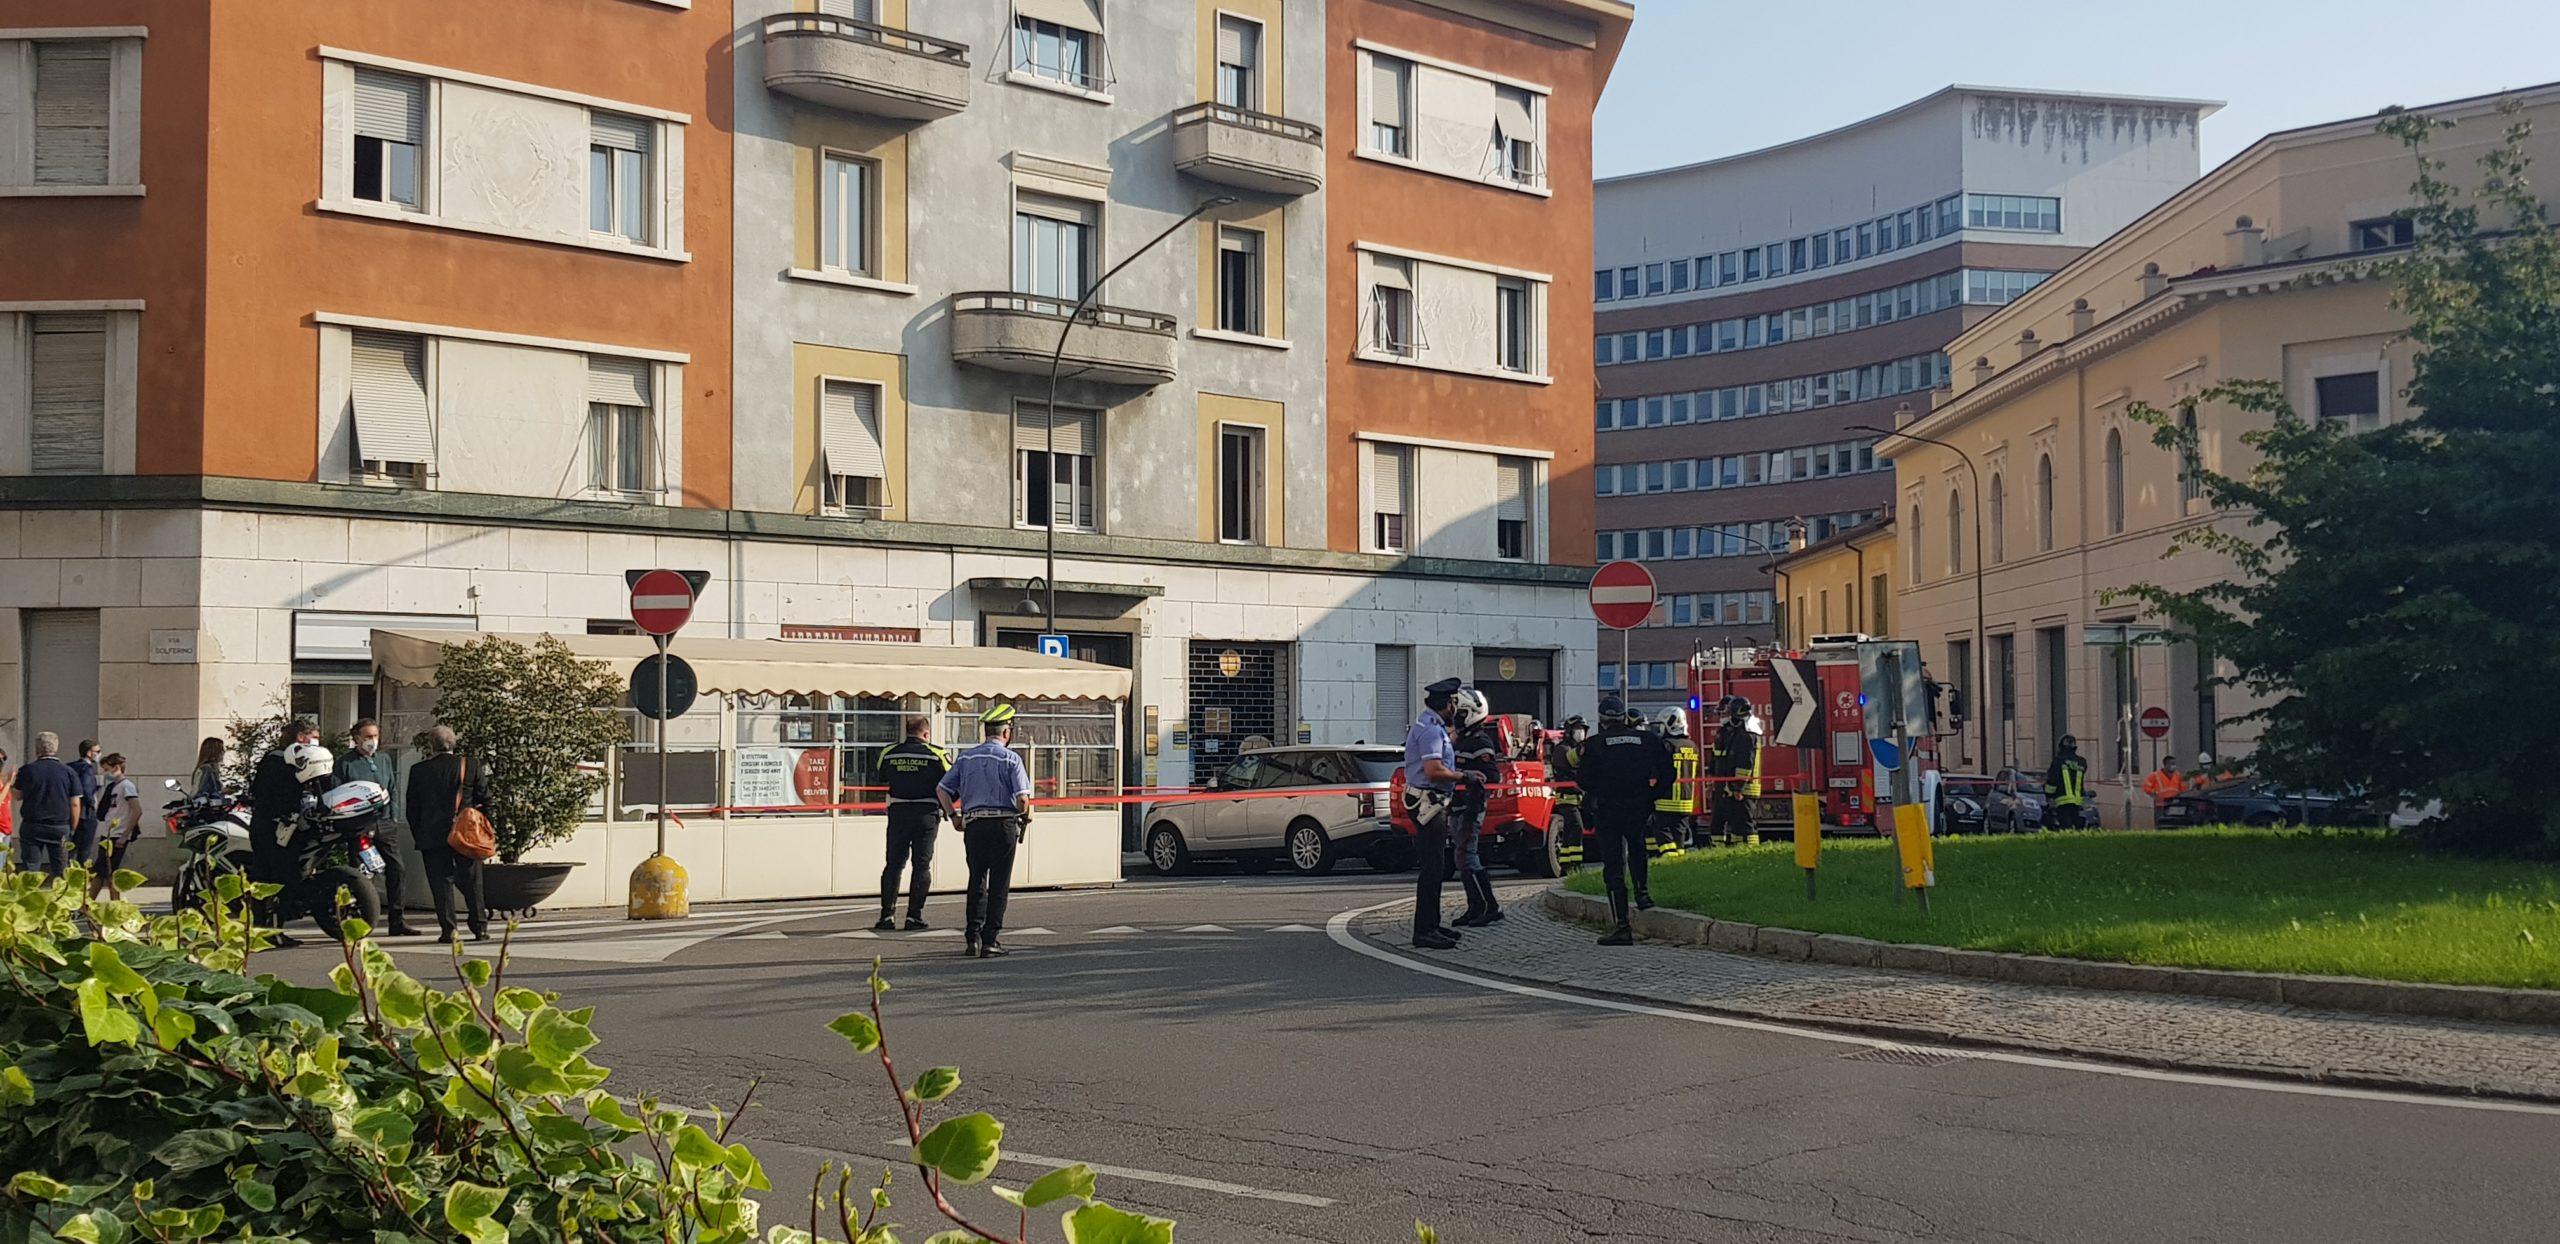 Evacuata la sede del Brescia Calcio per una fuga di gas